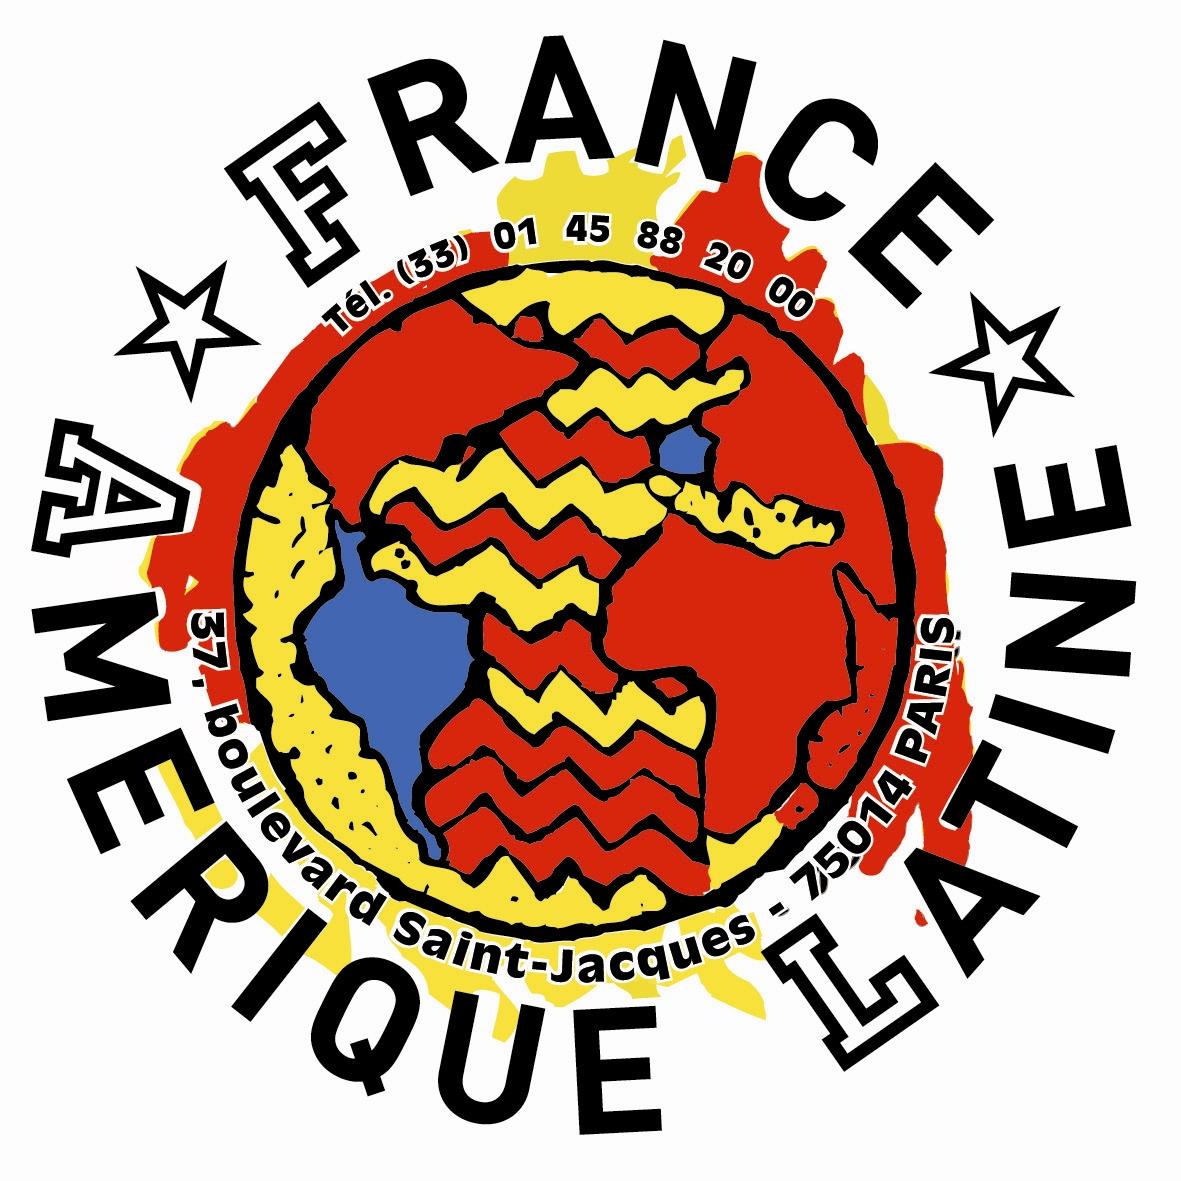 Comunicado:  ¡No a las amenazas de muerte proferidas por el Comando Barneix en Uruguay!